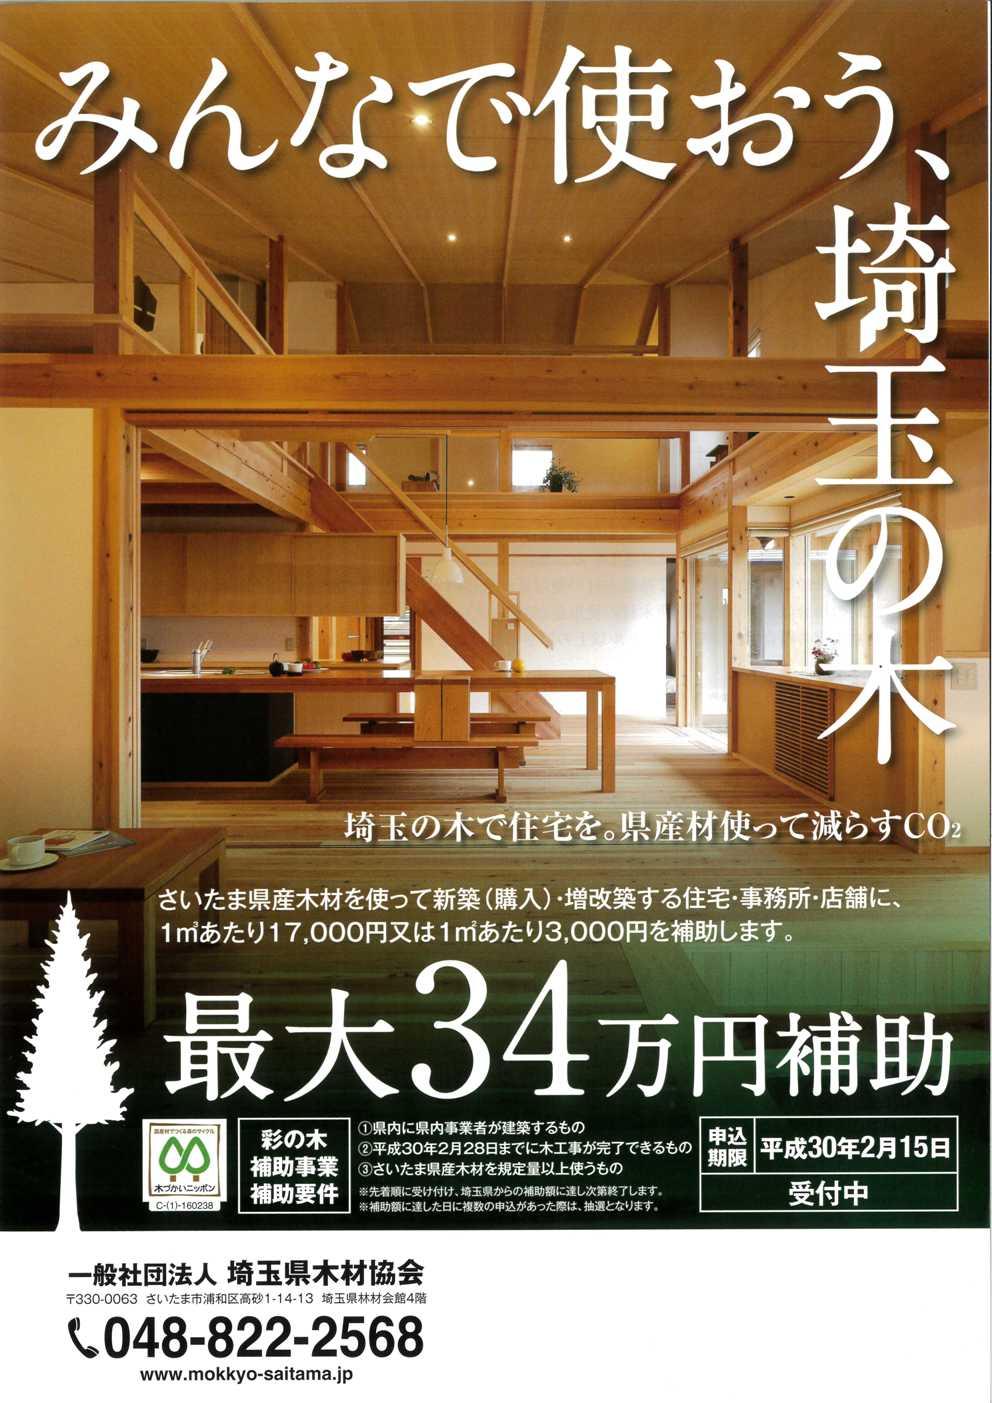 【補助金のお知らせ】  みんなで使おう、埼玉の木